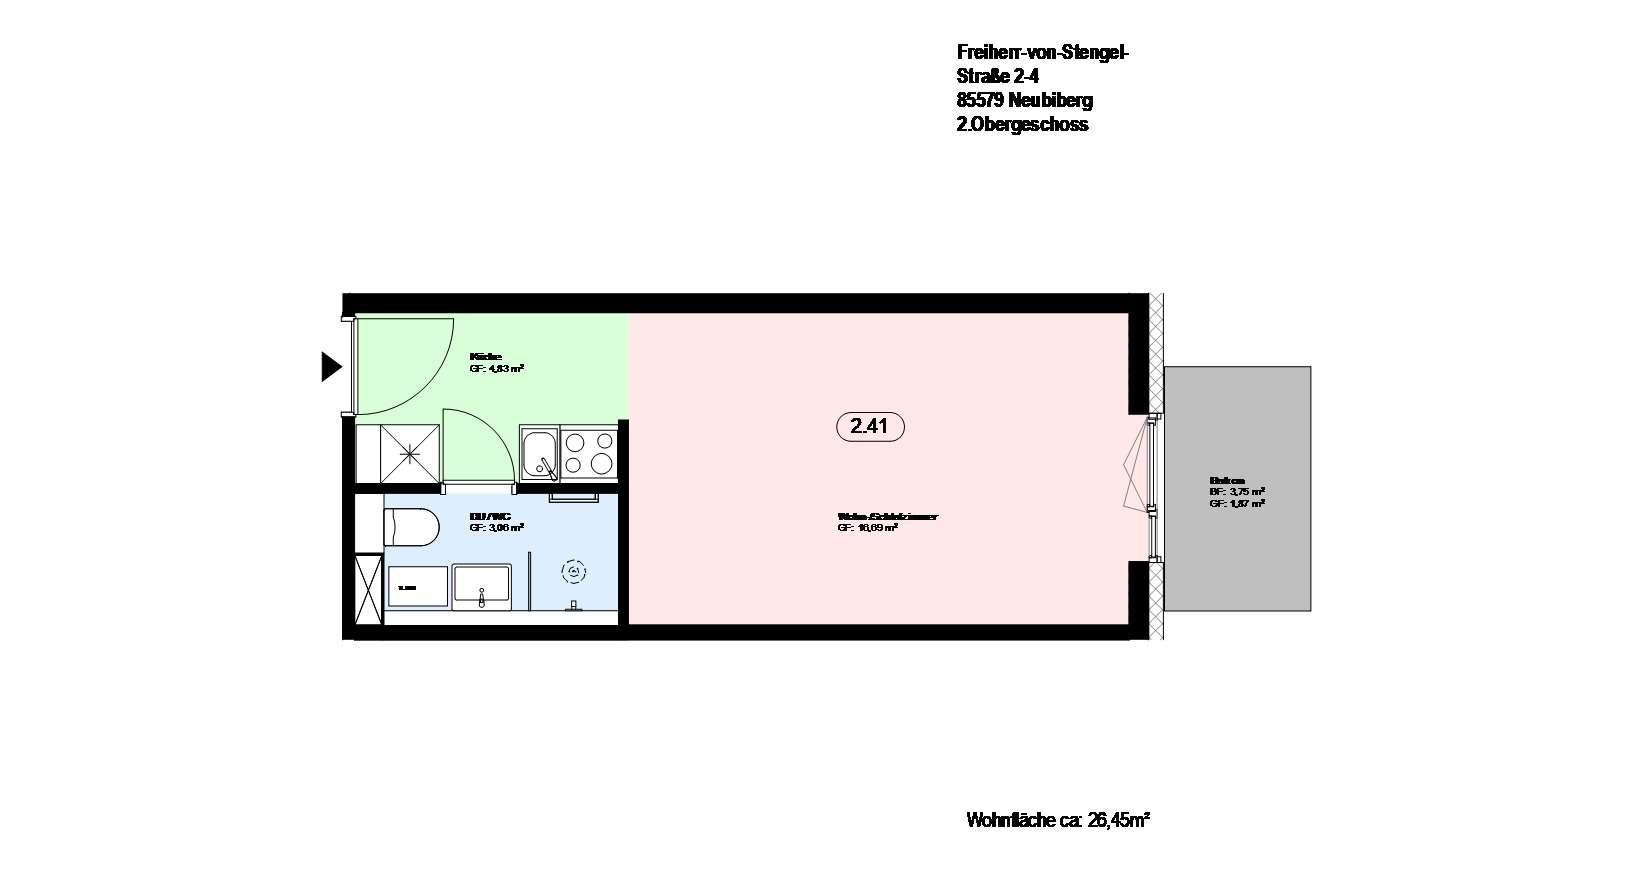 *Neubiberg*möblierte 1-Zimmer Wohnung *direkt an der S-Bahn* mit EBK und Parkett *Balkon in Neubiberg